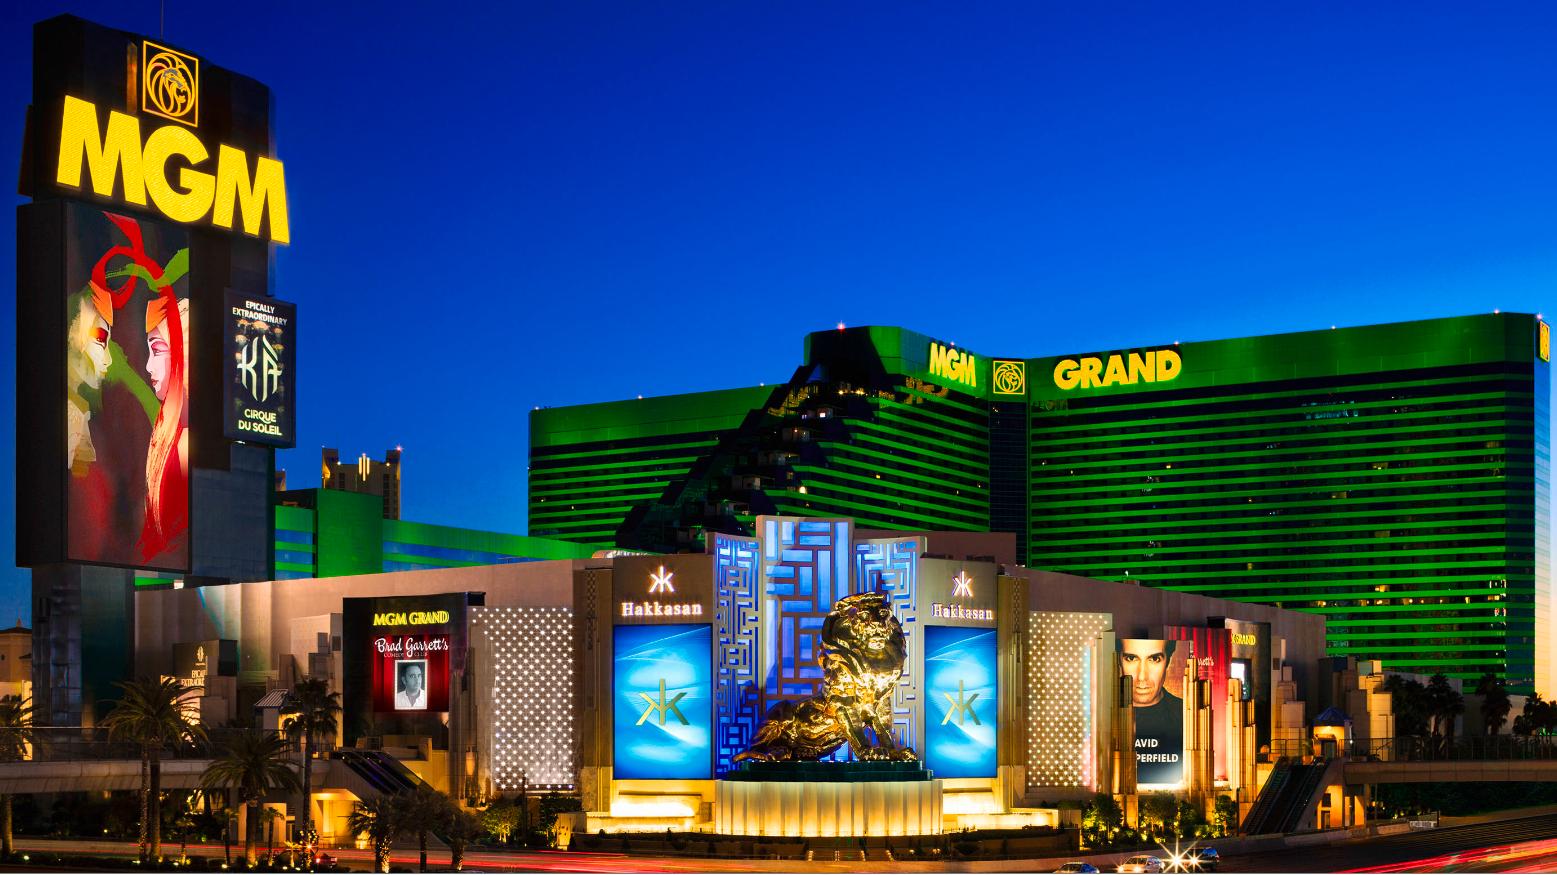 Situs Bandar Casino Online Tercaya Terbaru Terbaik Indonesia Pasti Berbayar Bandar Casino